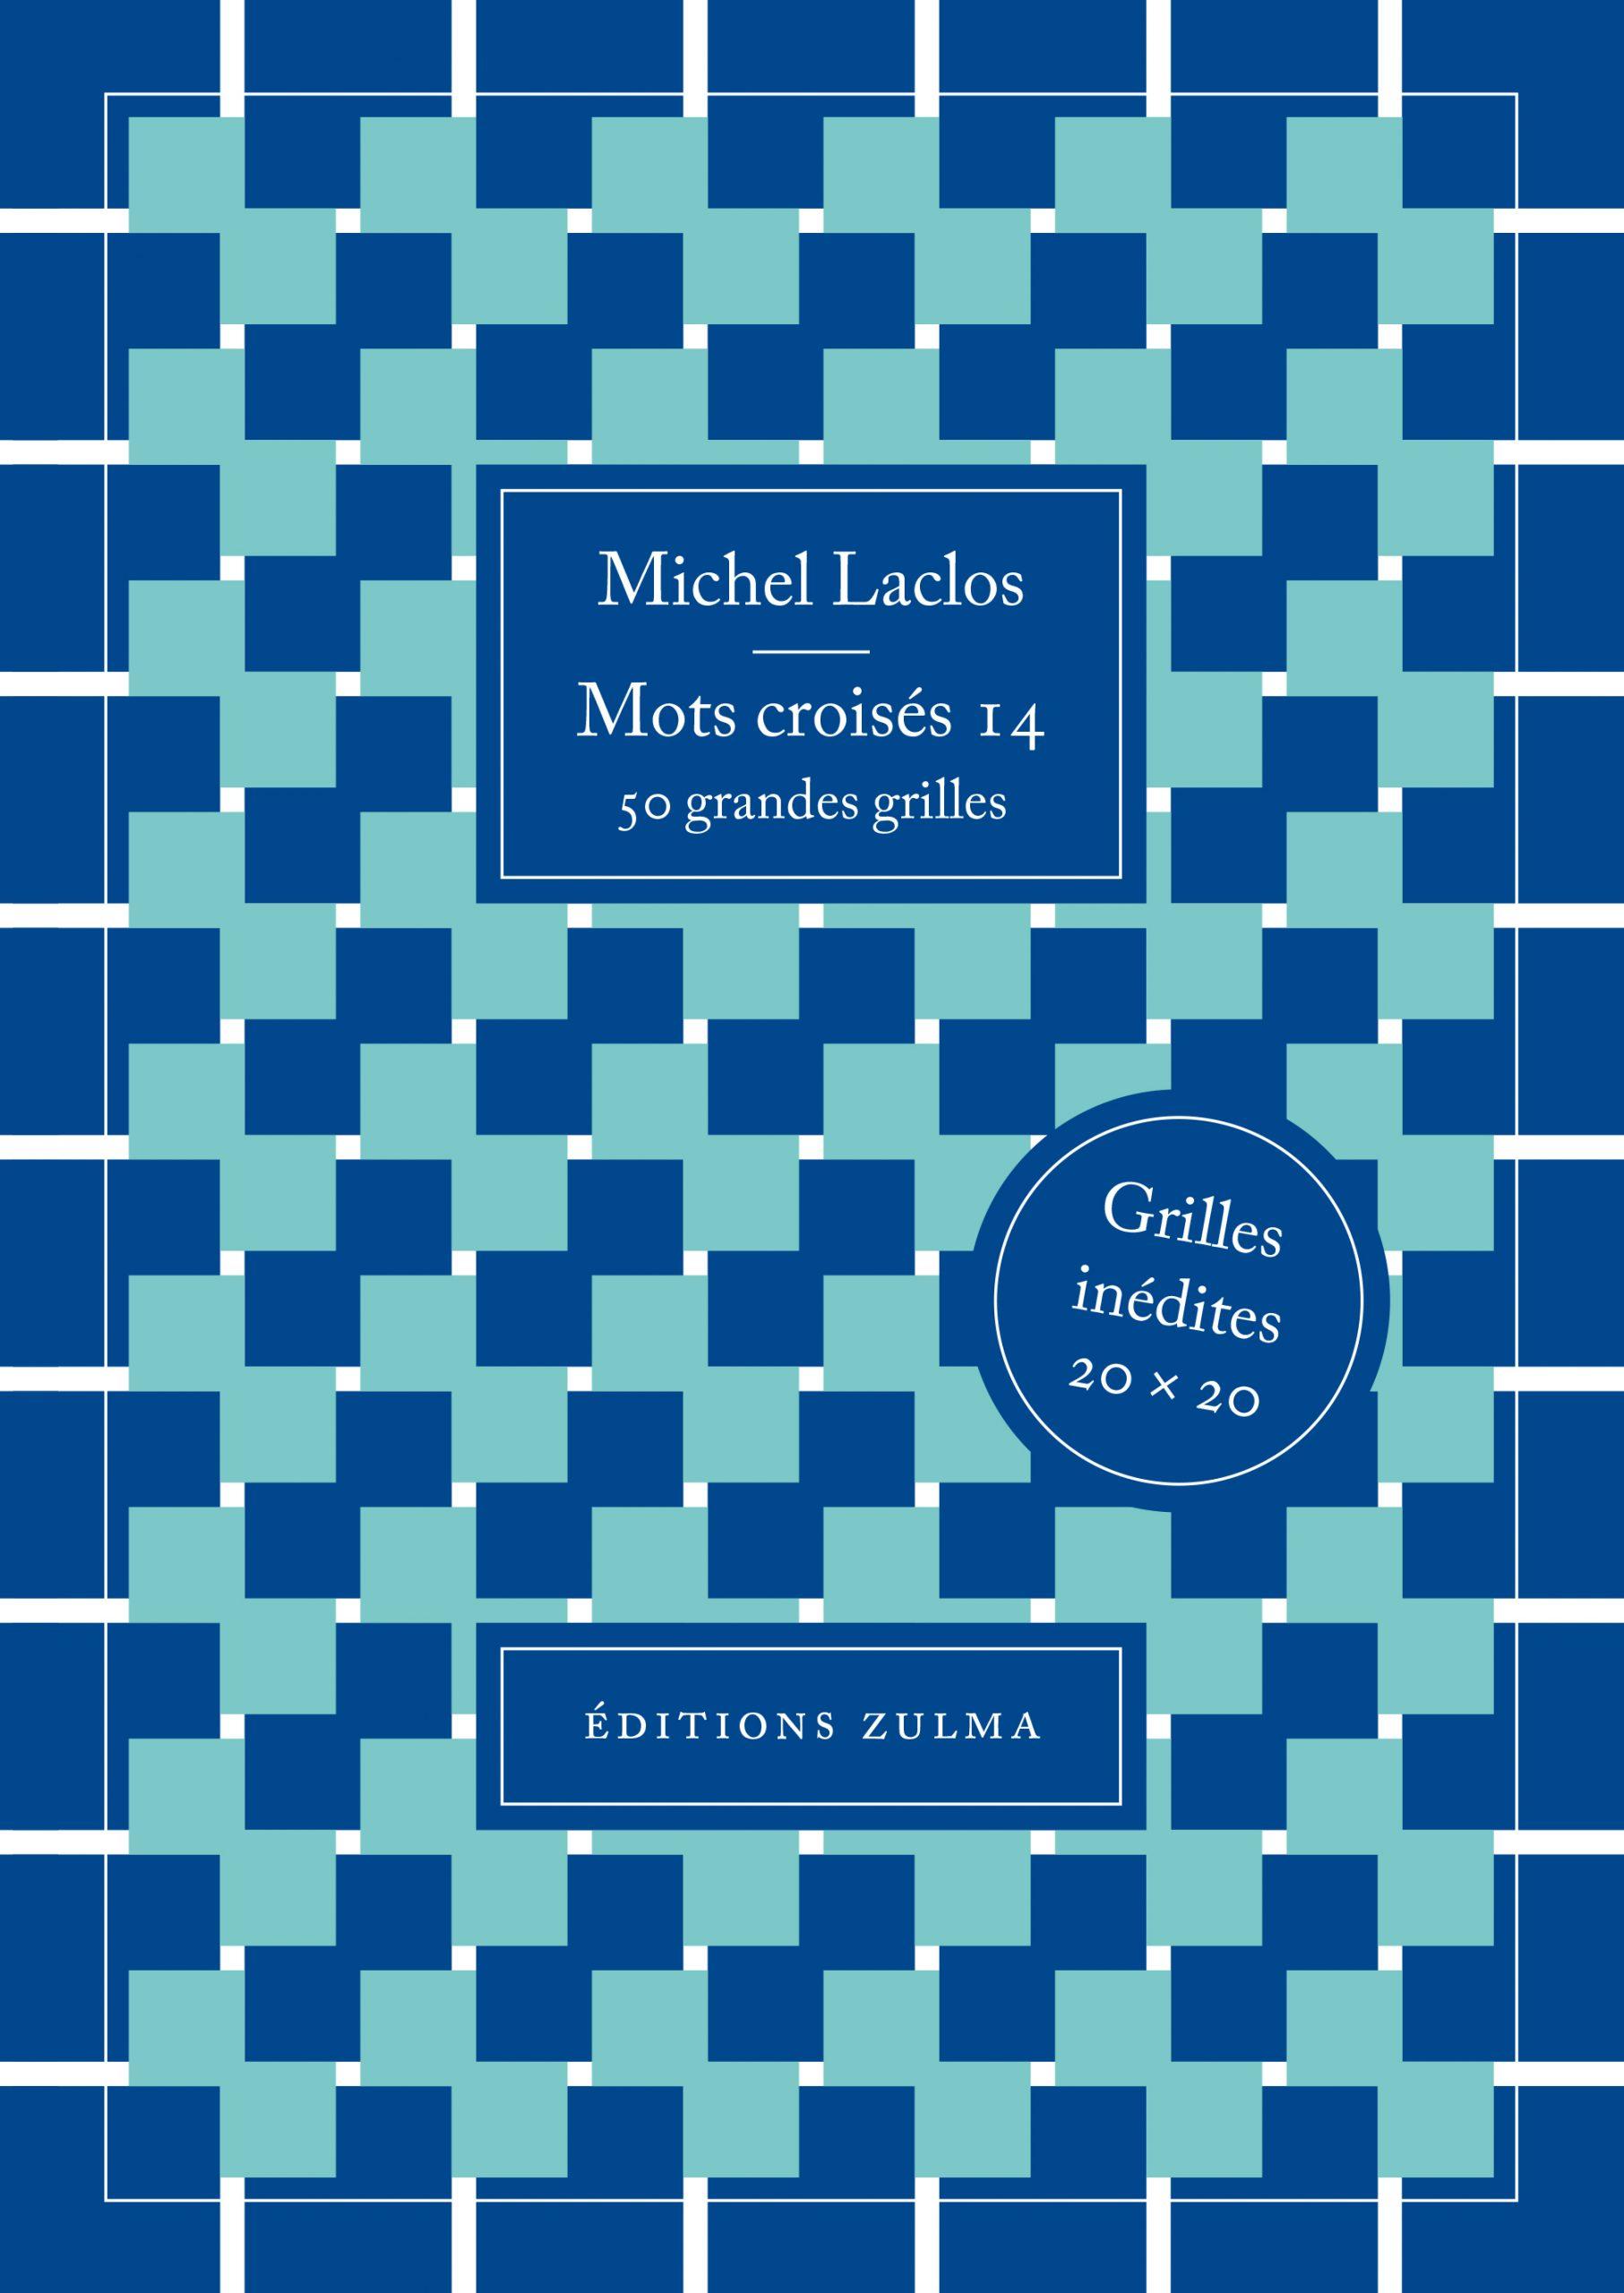 Mots Croisés 14 - Editions Zulma encequiconcerne Mots Croisés A Imprimer